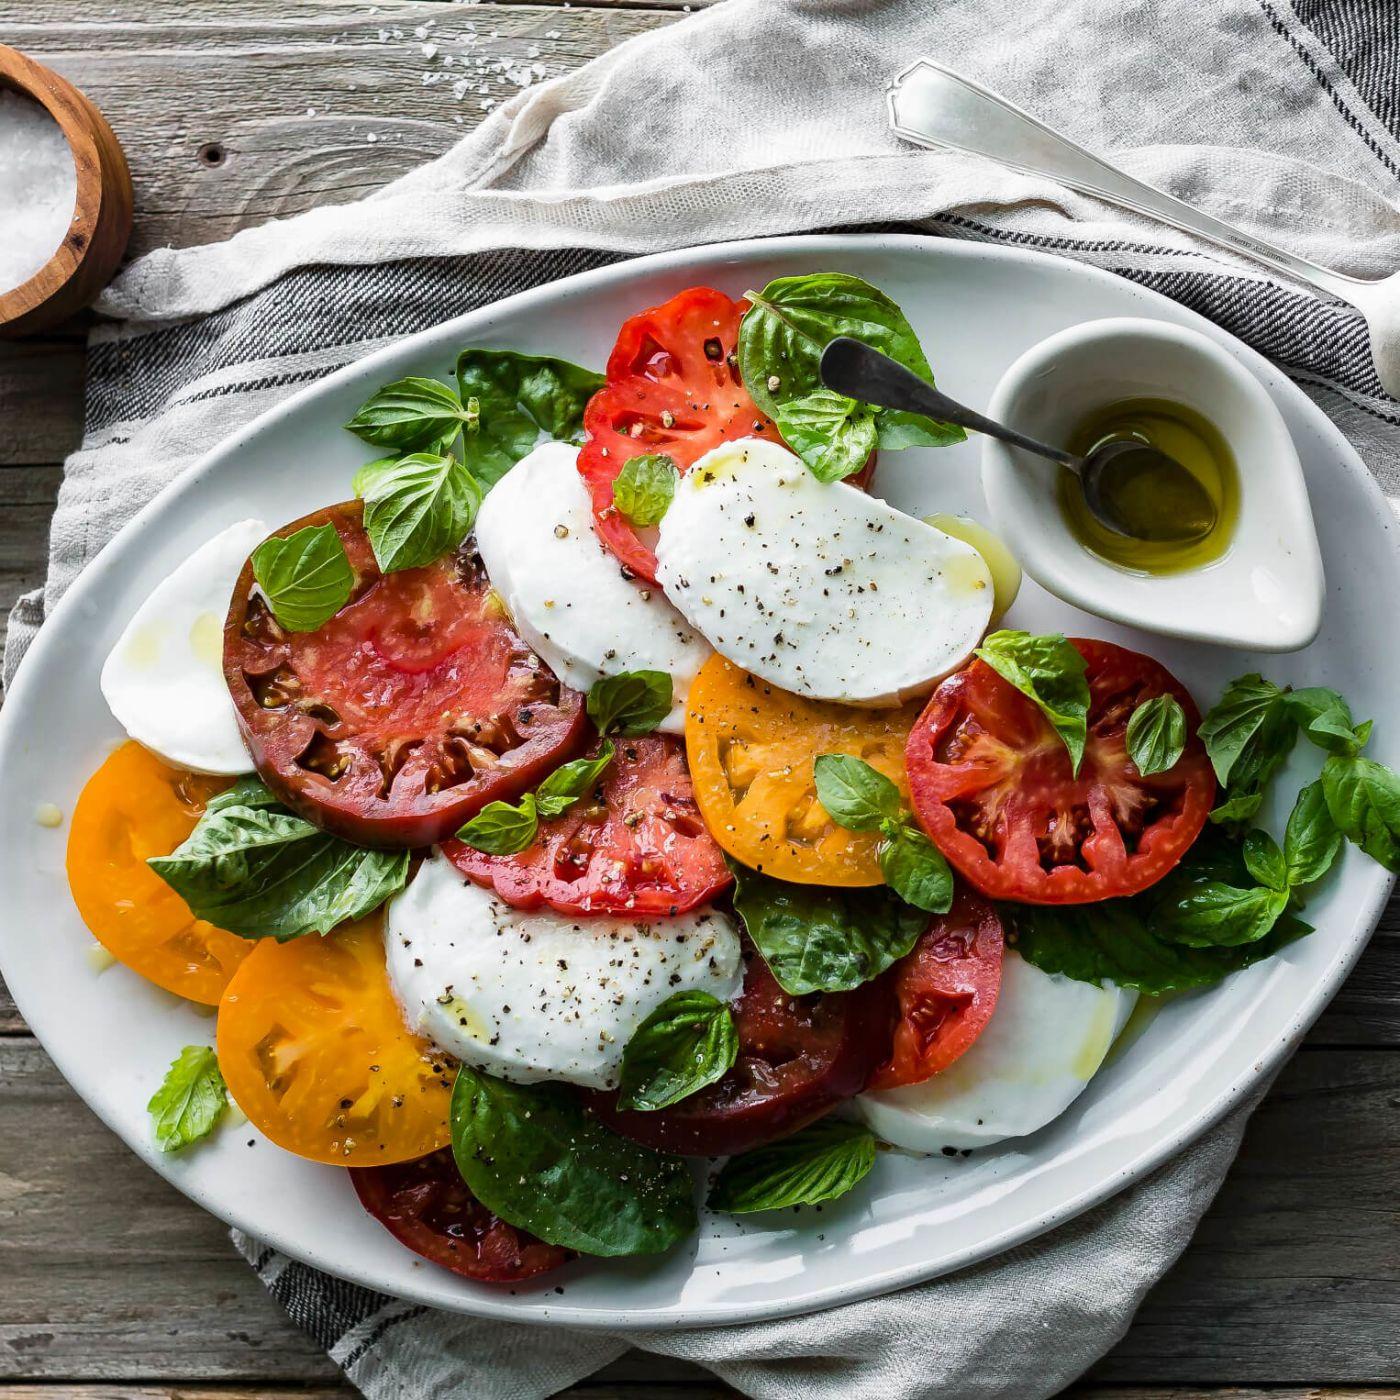 Italienische Rezepte, italienische Gerichte, Pasta, italienischer Salat